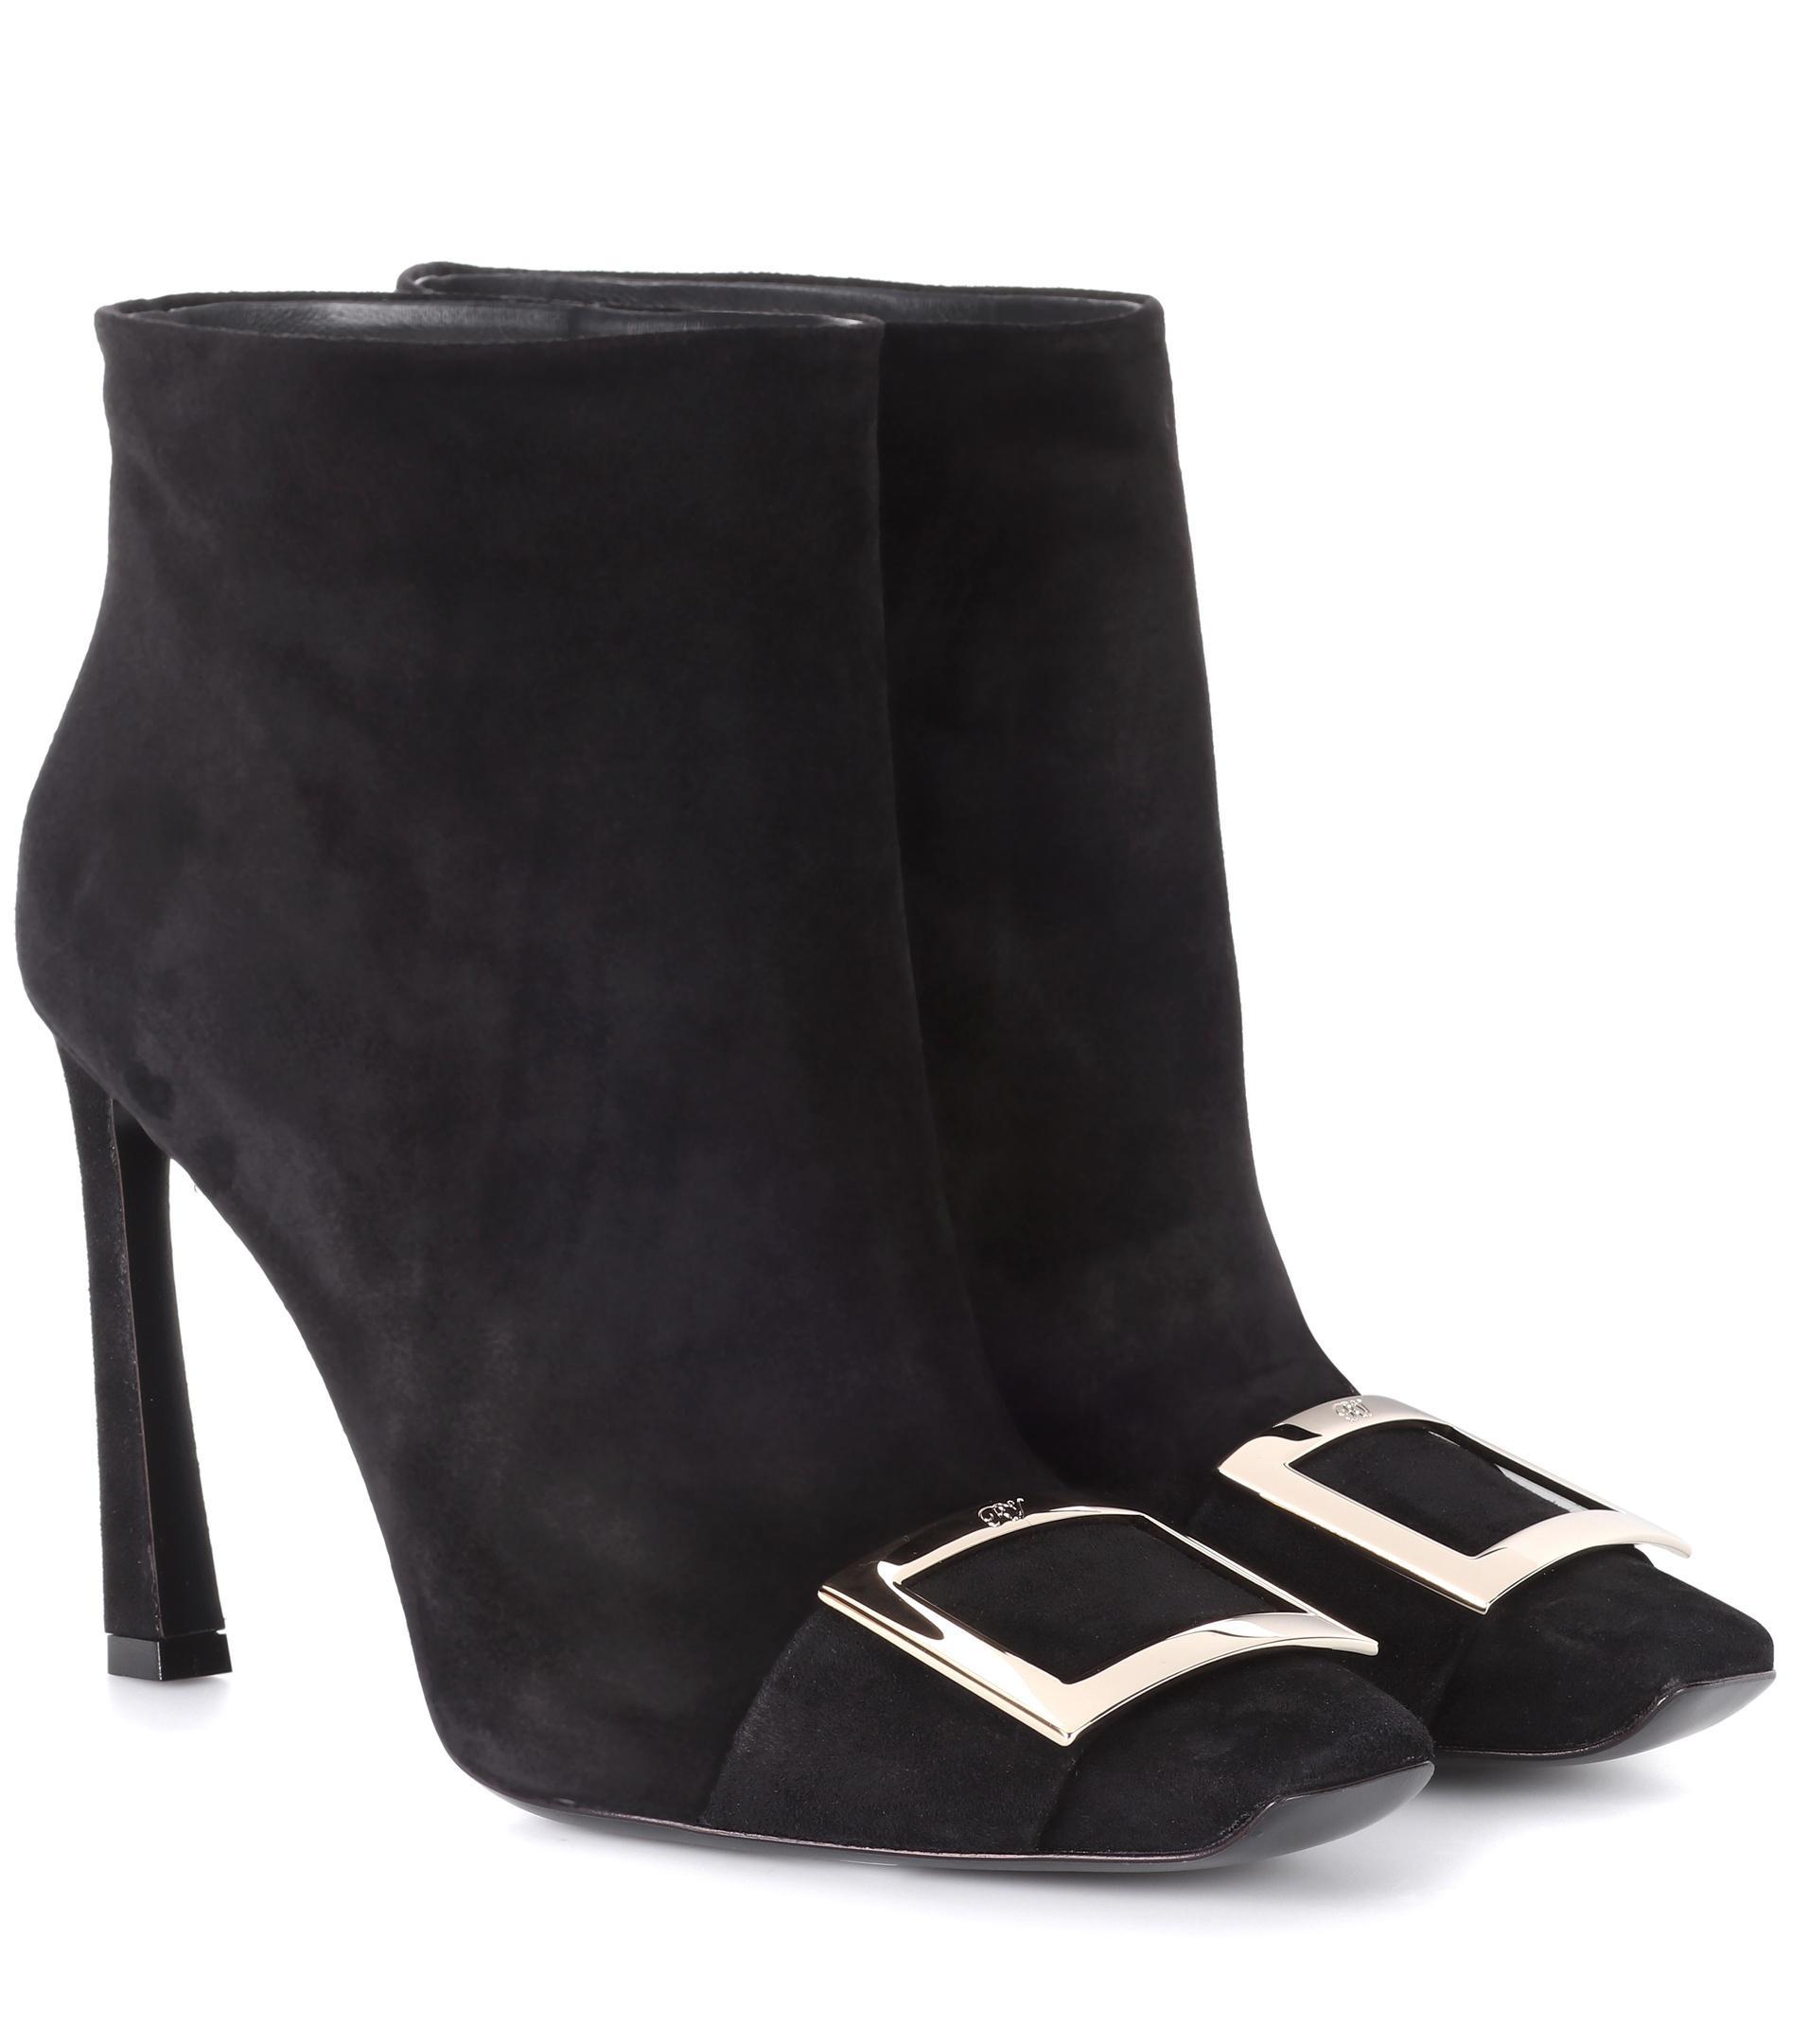 Roger Vivier. Women's Black Embellished Suede Ankle Boots